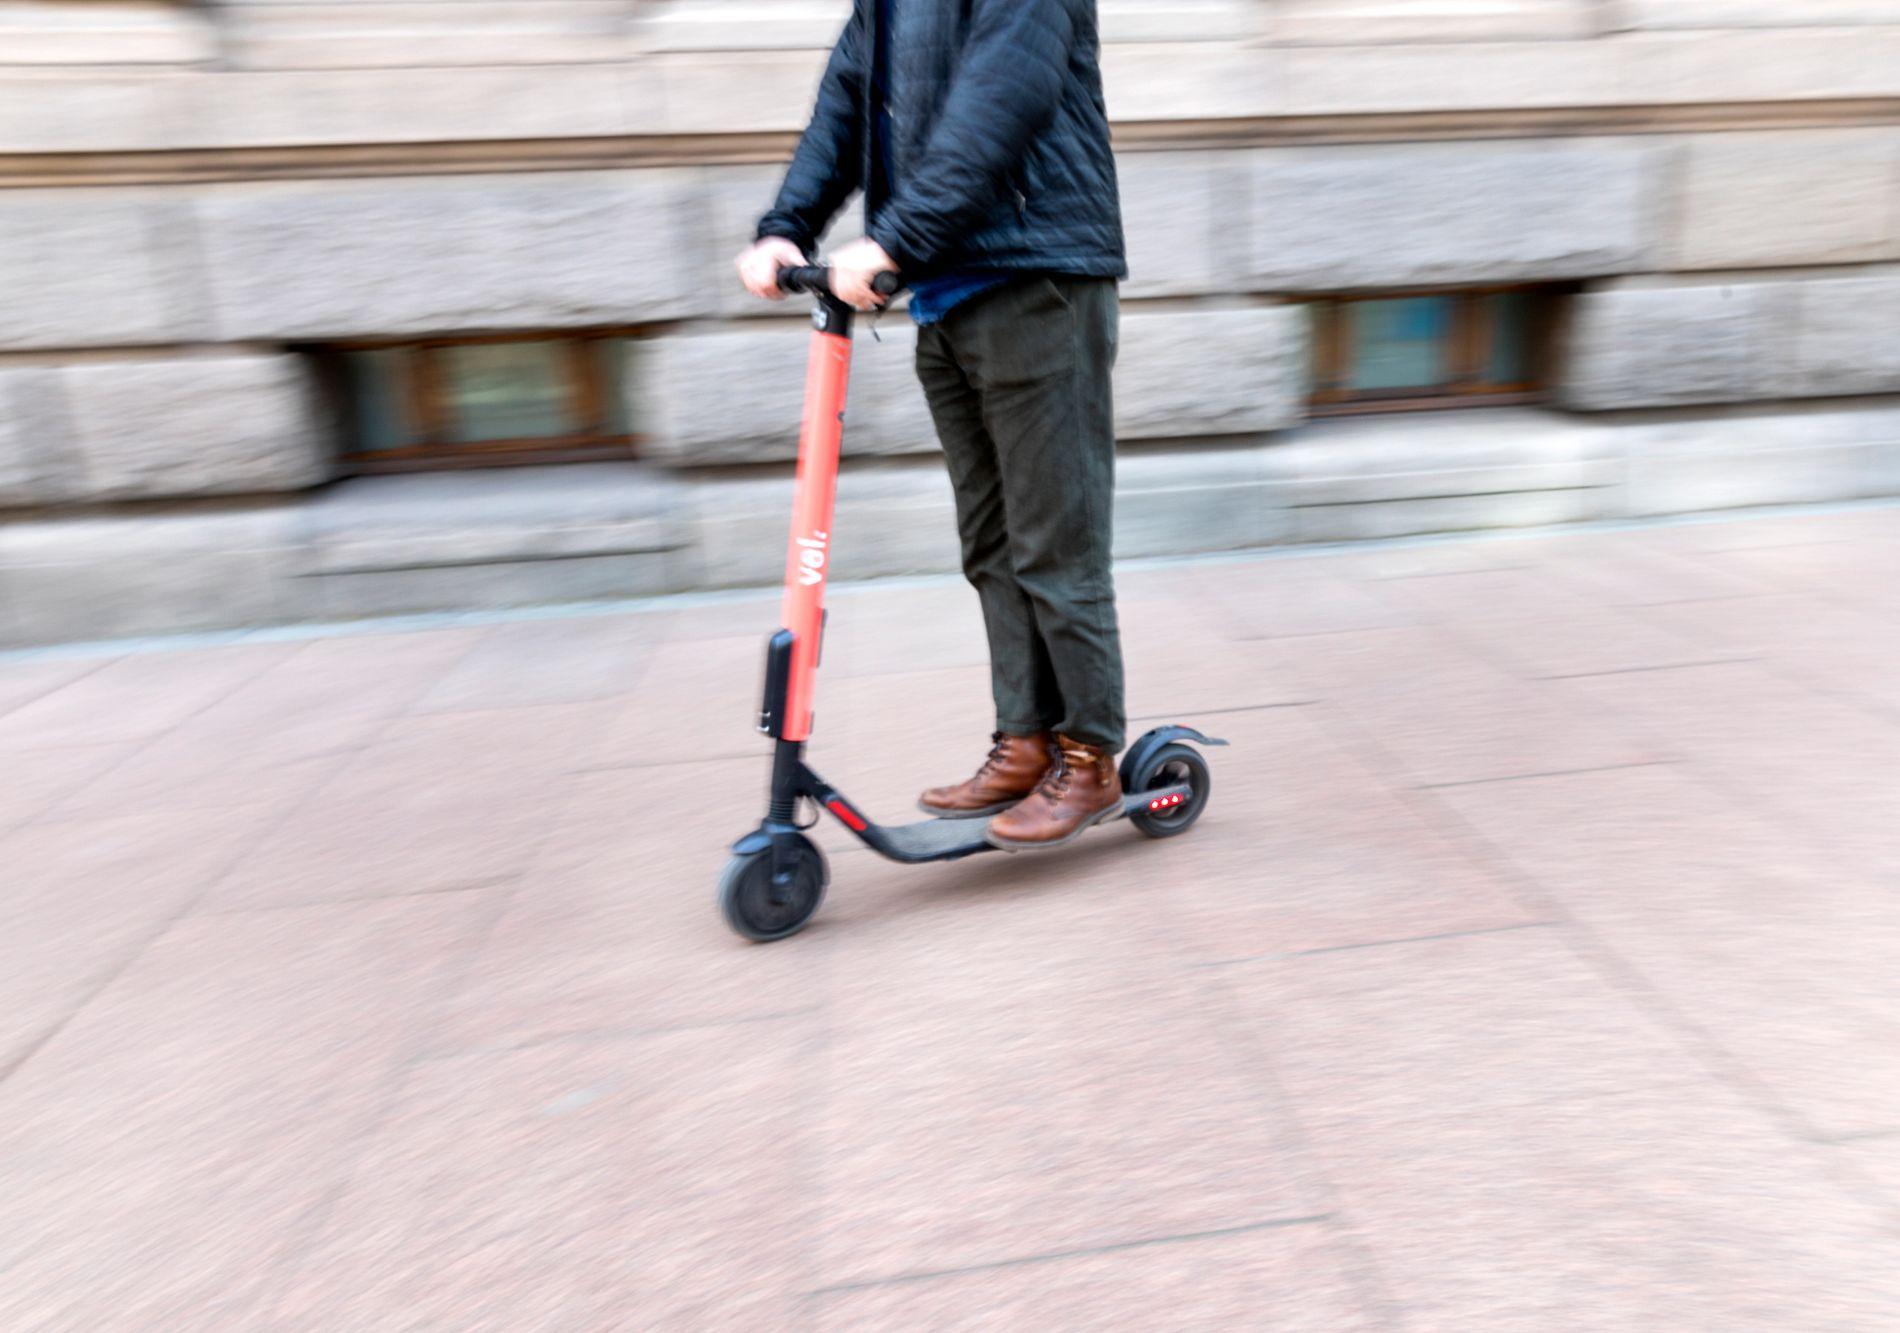 VANLIG SYN: El-sparkesykler har blitt et stadig mer vanlig syn i Oslos bygater denne våren.